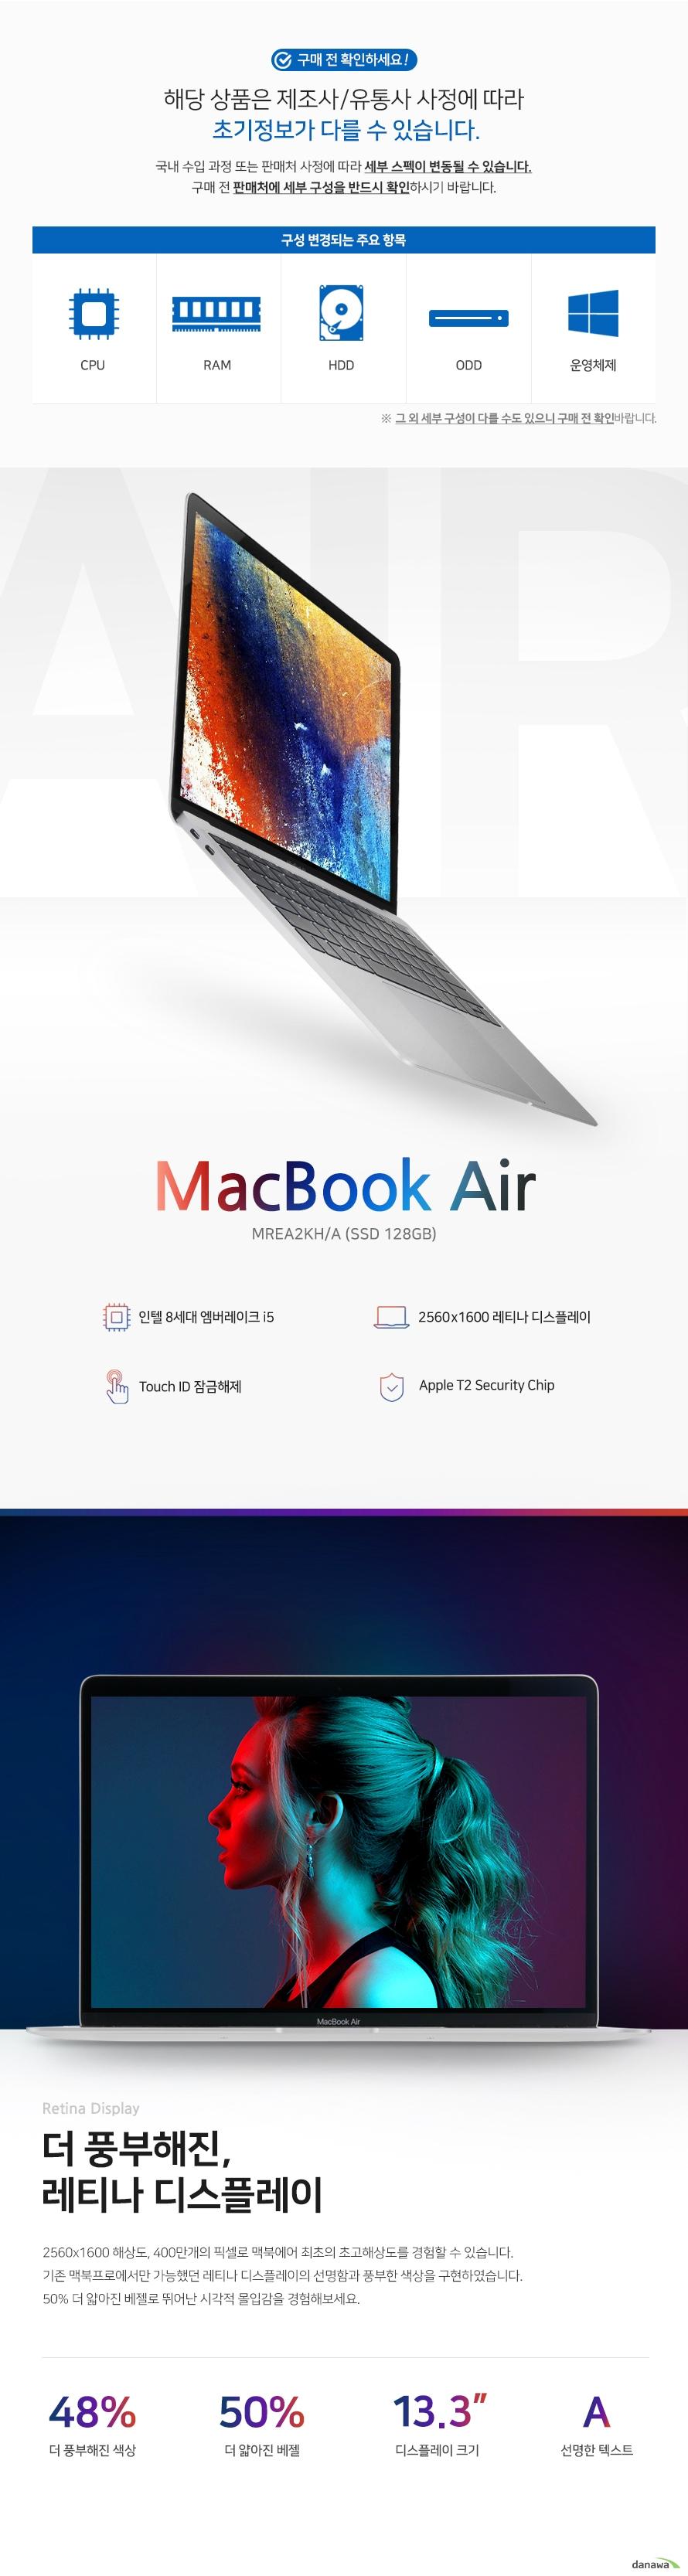 MacBook Air 인텔 8세대 엠버레이크 i5 2560x1600 레티나 디스플레이 Touch ID 잠금해제 Apple T2 Security Chip 더 풍부해진, 레티나 디스플레이 2560x1600 해상도, 400만개의 픽셀로 맥북에어 최초의 초고해상도를 경험할 수 있습니다.  기존 맥북프로에서만 가능했던 레티나 디스플레이의 선명함과 풍부한 색상을 구현하였습니다.  50% 더 얇아진 베젤로 뛰어난 시각적 몰입감을 경험해보세요.   하루종일 뛰어난 퍼포먼스  고성능 인텔 8세대 초저전력 i5 프로세서로 퍼포먼스는 물론, 뛰어난 전력효율성을 자랑합니다. 일상적인 작업을 원활하고 빠르게 진행할 수 있으며 최대 12시간까지 사용 가능 한 배터리는 당신의 하루와 끝을 함께합니다.    넉넉한 128GB SSD, 빠른 8GB RAM  넉넉한 128GB SSD와 8GB RAM를 탑재한  2018 맥북에어는  빠른 처리 속도와  넉넉한 용량을 자랑합니다. 향상된 보안 Touch ID   손가락만 대면 즉시 열리는 Touch ID로 향상된 보안 성능과 편리함을 경험해보세요. 매번 암호를 입력하는 번거로움 없이, 손가락 하나로 문서, 메모, 시스템 설정 등을 잠금 해제 할 수 있습니다.   차세대 보안 기술 Apple T2 칩 탑재  2세대 맞춤형 Mac용 칩인 Apple T2칩을 탑재하여 보안을  한층 더 강화하였습니다. T2칩에는 보안 부팅 및 저장 장치 암호화 기능의 기반이 되는 Secure Enclave 보조 프로세서가  내장되어 있어. 강력한 보안 기술을 제공합니다.   음성인식 비서 Siri 소환 Apple T2칩을 통한 음성인식 비서 Siri를 소환할 수 있습니다. Siri를 통한 음성 명령 구현이 가능해져 다양한 작업들을 수행할 수 있습니다. 친환경적인 Mac. 100% 재활용 알루미늄 제작 중 수집된 알루미늄 부스러기를 재활용하여 만드는 이 합금은  Apple이 새롭게 발명한 소재입니다. 기존 제품과의 동일한 강도 및 내구성을 구현해내며  아름다움과 새것의 튼튼함을 그대로 담고 있는 친환경적인 제품입니다.    조용한 타이핑, 조용해진 작업공간 나비식 매커니즘이 적용 된 키보드는 기존 가위식 매커니즘에 비해 4배 더 향상된 키 안정성과 함께 더욱 훌륭한 편안함과 조용한 타이핑을 선사합니다.    나비식 매커니즘이 적용 된 키보드   이전 세대의 문제점을 개선시킨 키보드로 오작동 방지 및 더 조용한 작업 환경 제공을 위한 먼지유입방지처리를 하였습니다.   주변광 센서를 갖춘 개별 LED 백라이트 키   조명이 어두운 곳에서도 수월하게 타이핑을  할 수 있게 주변광 센서를 갖춘 개별 LED  백라이트 키를 탑재하였습니다. 다양한 멀티 터치 제스처 Force Touch 트랙패드 표면에 가해지는 압력에 미묘한 차이도 알수 있는 Force Touch 트랙패드를 사용하여 다양한 멀티 제스처를 구현해보세요. 세밀한 제어와 어느곳이나 균일한 반응을  얻을 수 있습니다. 다양한 방식으로 Mac을 다뤄보세요.  입체감 있는 사운드, 생생한 HD 카메라 2배 더 두터운 베이스와 25% 더 커진 음량, 스테레오 사운드로 멀티미디어의  몰입감을 더하는 입체 사운드를 선사합니다. 생생한 HD 카메라로 FaceTime을 즐겨보세요. 단독 통화는 물론 그룹 통화에서 당신의 얼굴을 선명하게 나타내줍니다.   다재다능한 포트 커넥터 하나로 데이터 전송, 충전, 동영상 출력이 가능한 Thunderbolt 3, 기존 포트 보다 2배 커진 대역폭과 리버서블 디자인으로 어느 쪽으로든 편하게 연결이 가능합니다. 언제 어디에서나, MacBook Air와 함께. 최대 12시간의 배터리 사용시간과 날렵하고 가벼워진 무게의 MacBook Air와 함께 하루 동안의 수많은 작업을   언제 어디에서나 편리하게 작업할 수 있습니다.